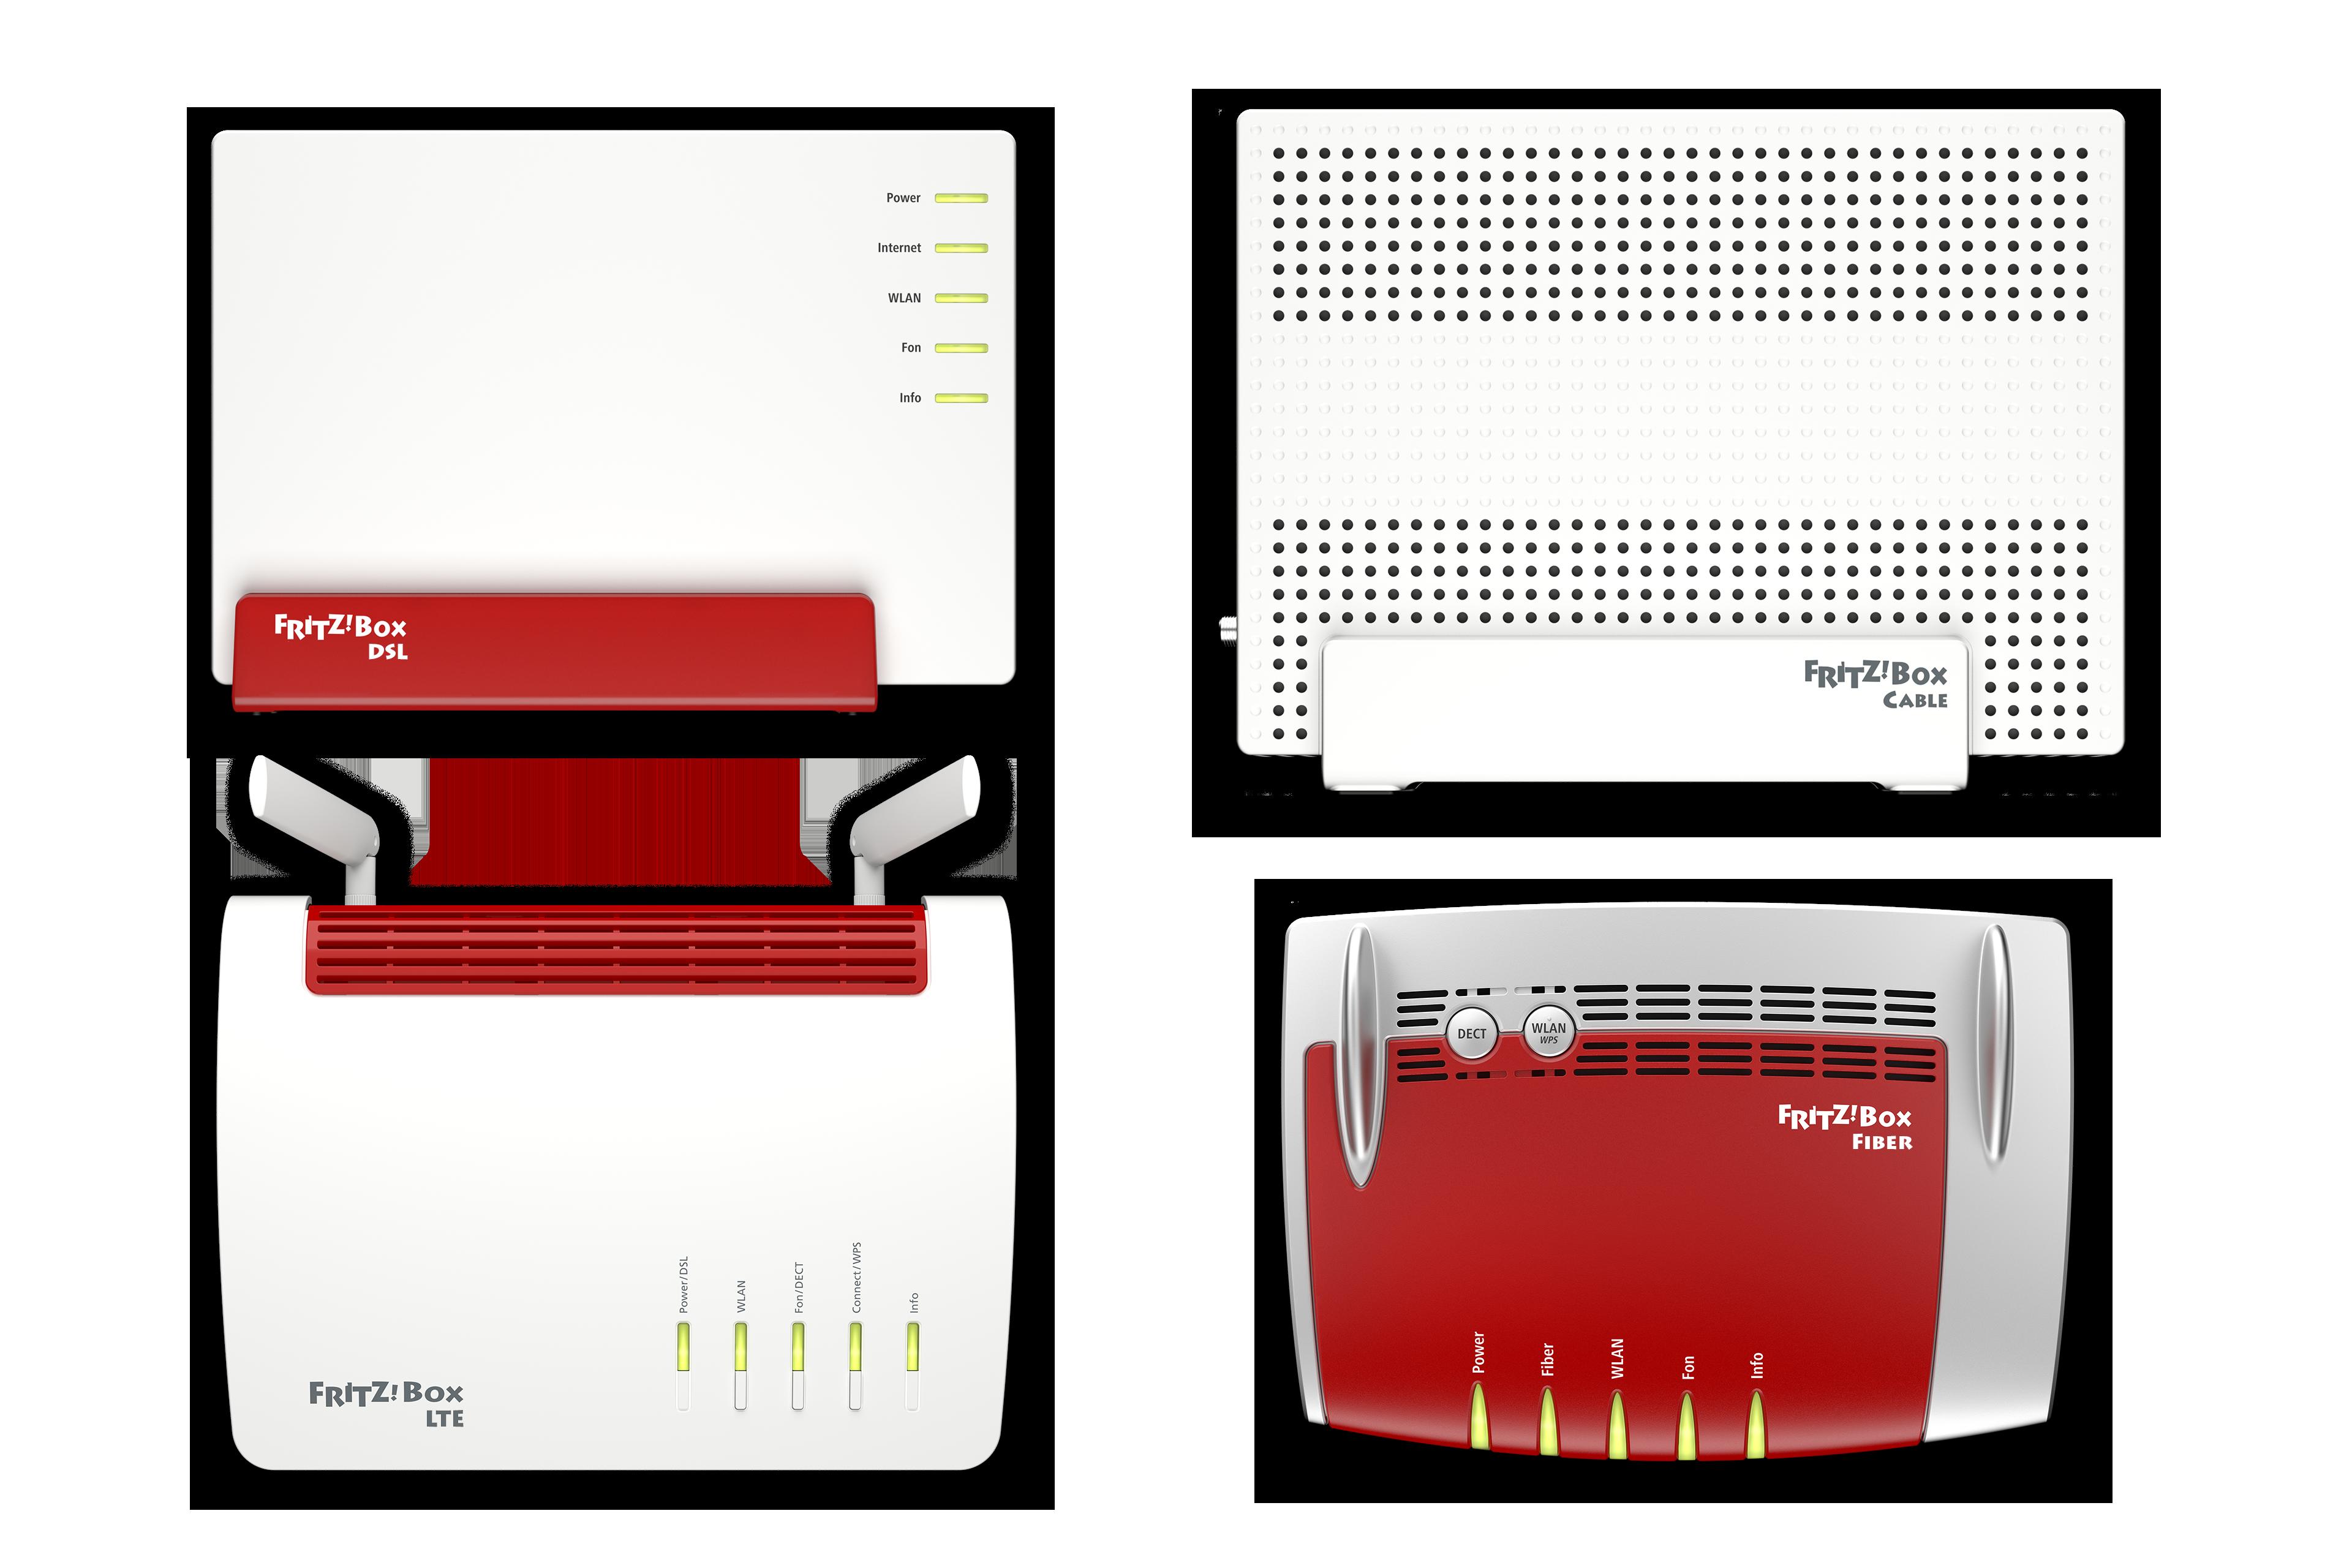 AVM zeigt neue Fritzbox 7583 auf dem MWC